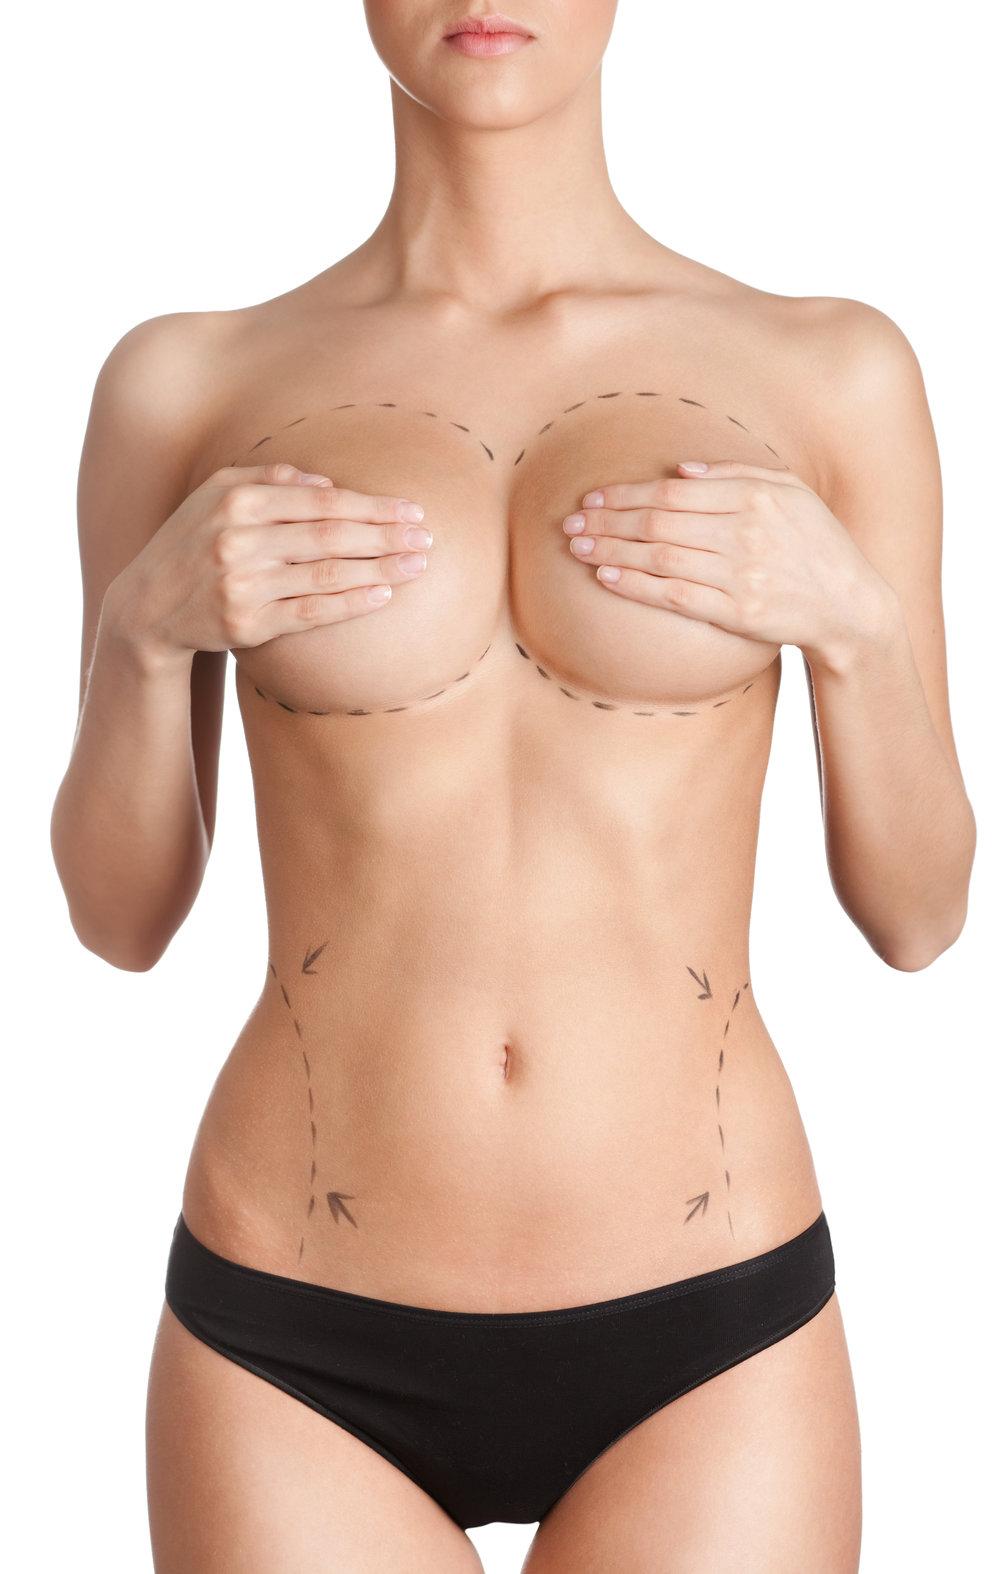 Mamoplastia de Aumento - es un procedimiento quirúrgico que busca mejorar el tamaño y la forma de los senos.